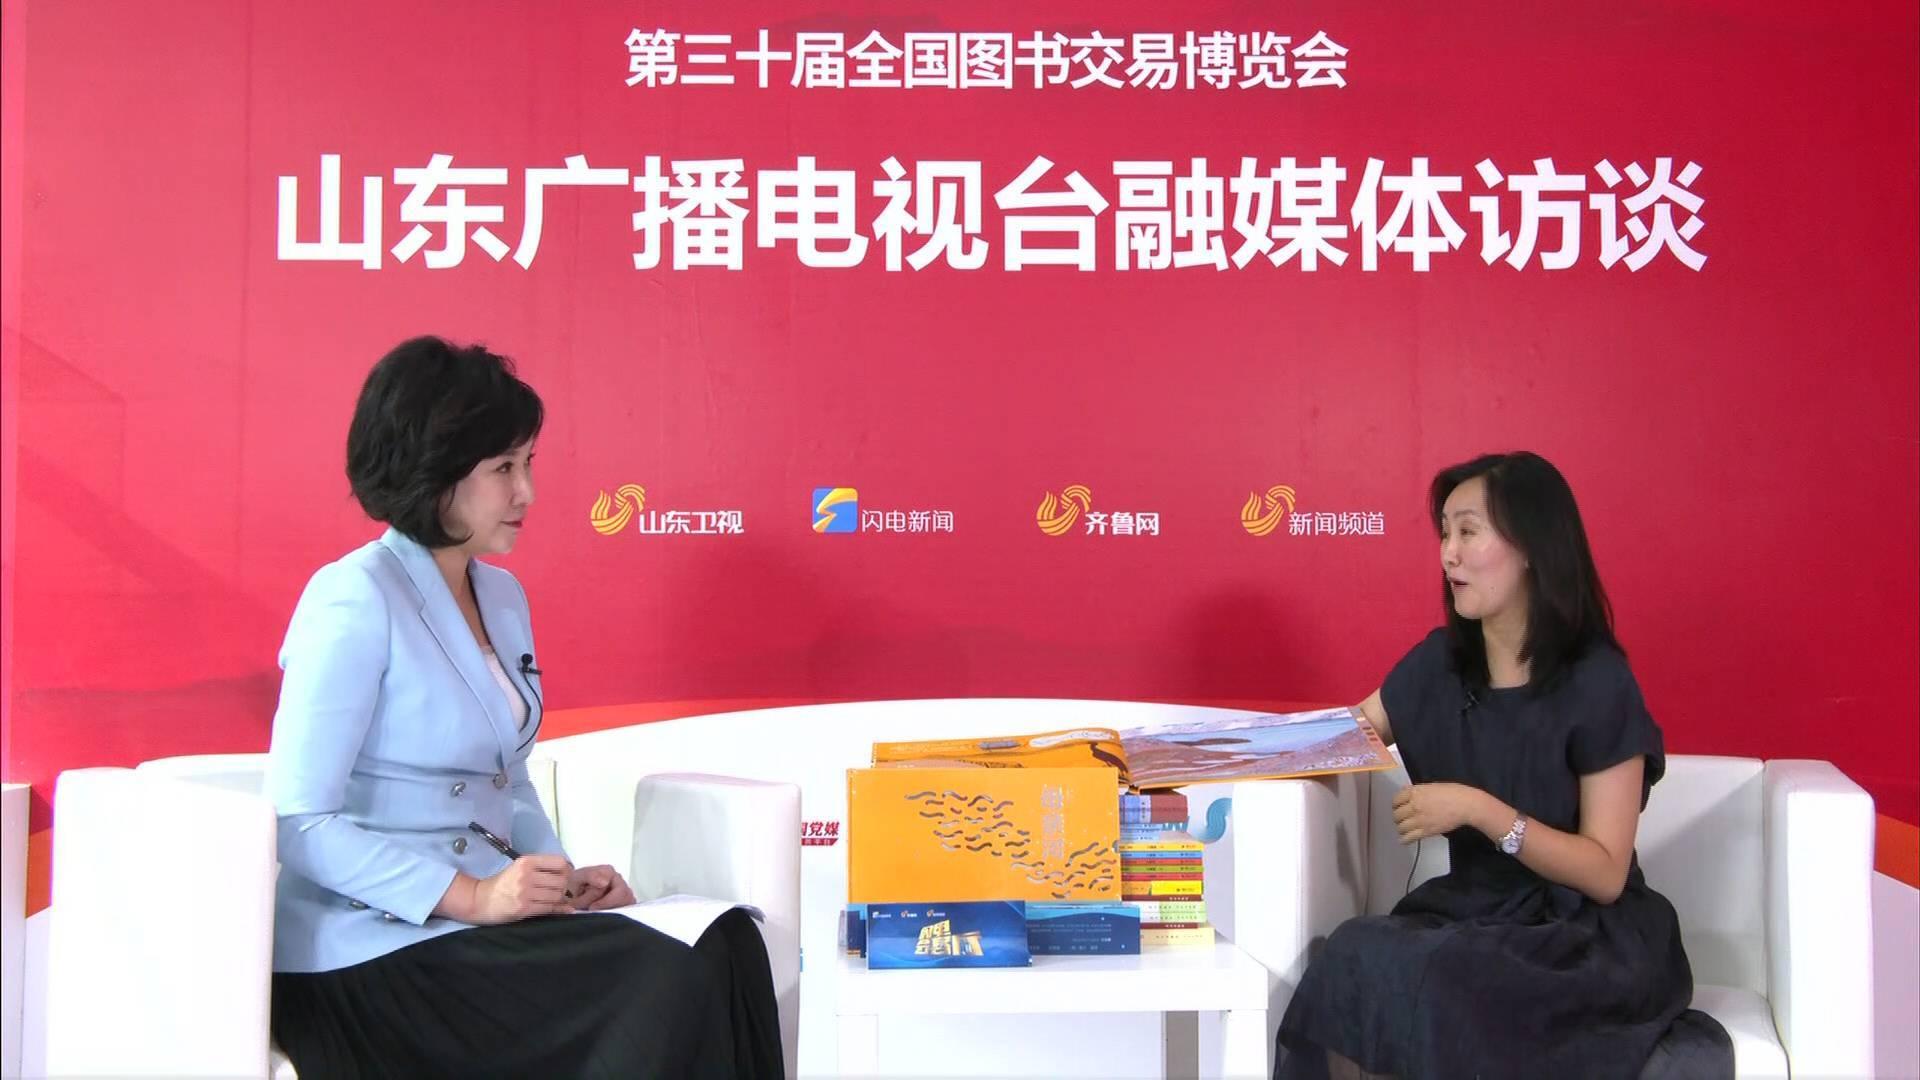 山东艺术学院副教授唐玮:艺术美育为孩子解锁理解世界新方式